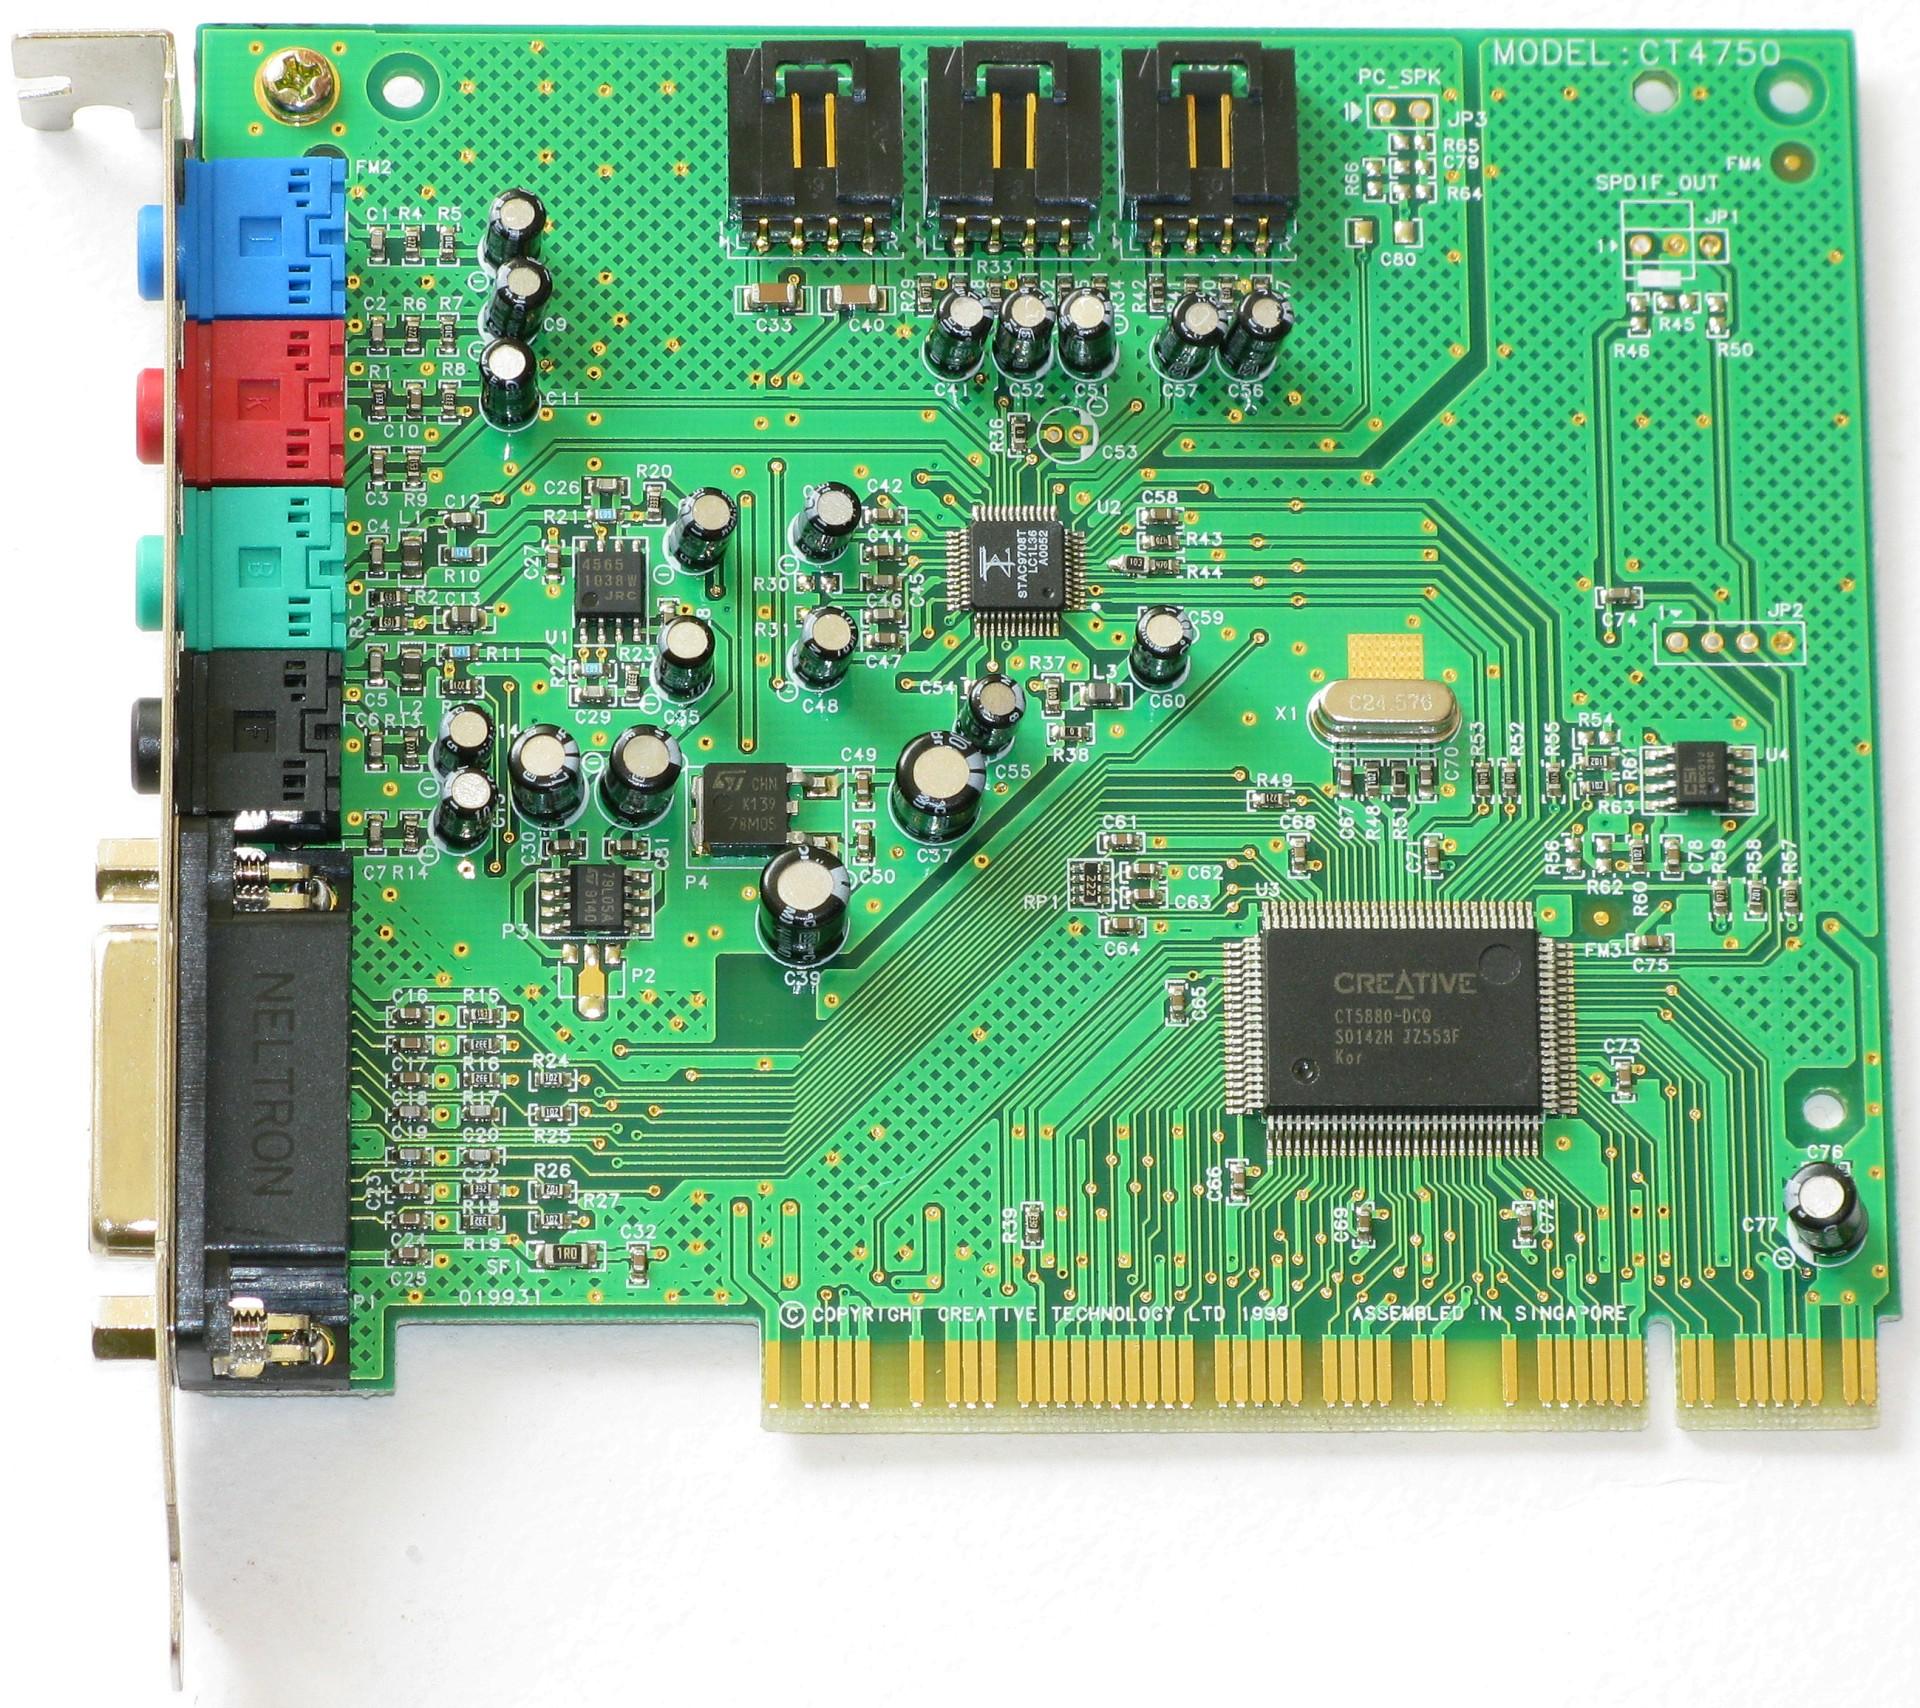 Creative SB Creative PCI PCI CT drivers